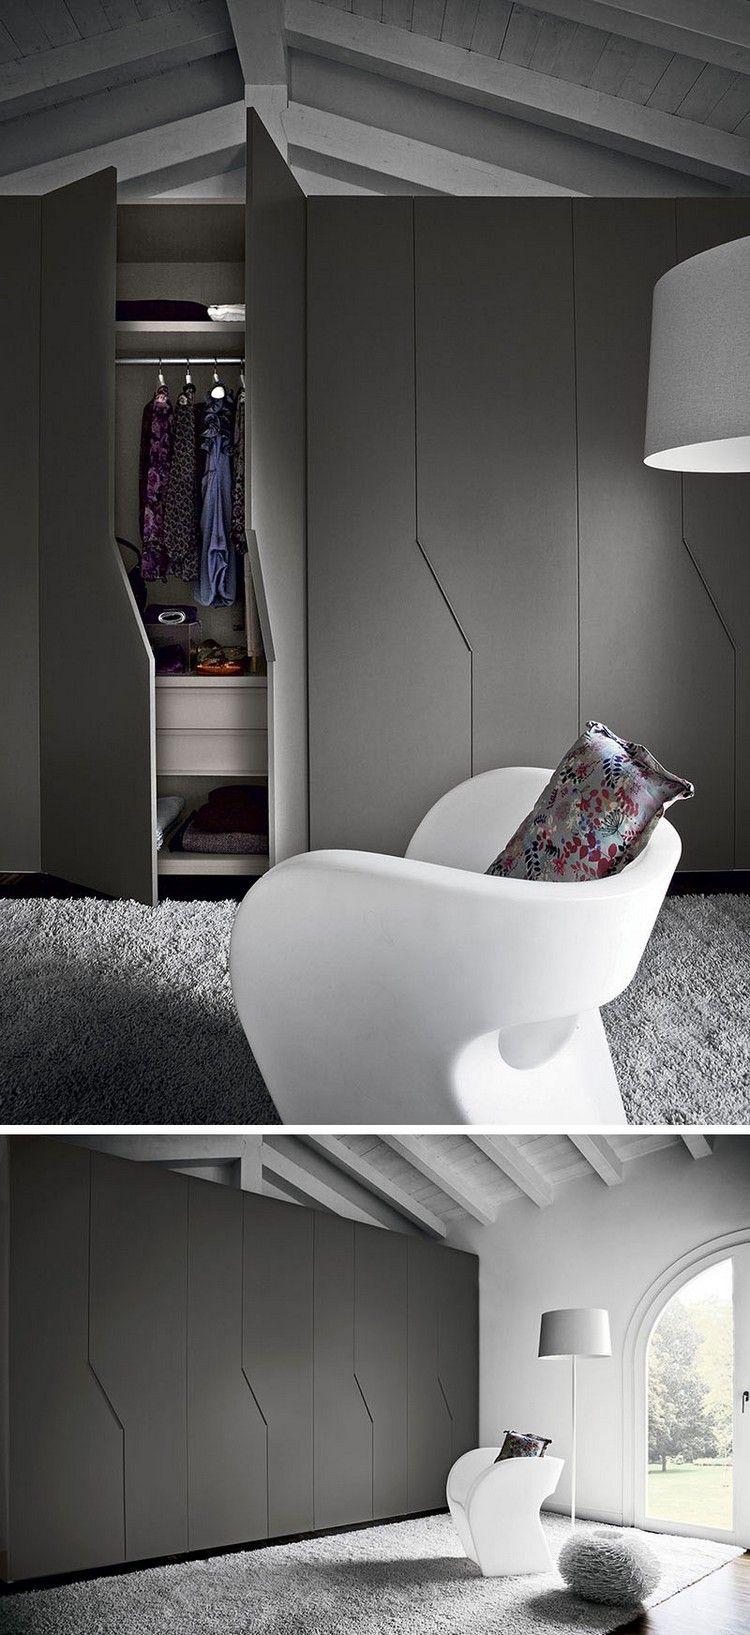 portes placard en noir mat, chaise design en blanc neige et tapis